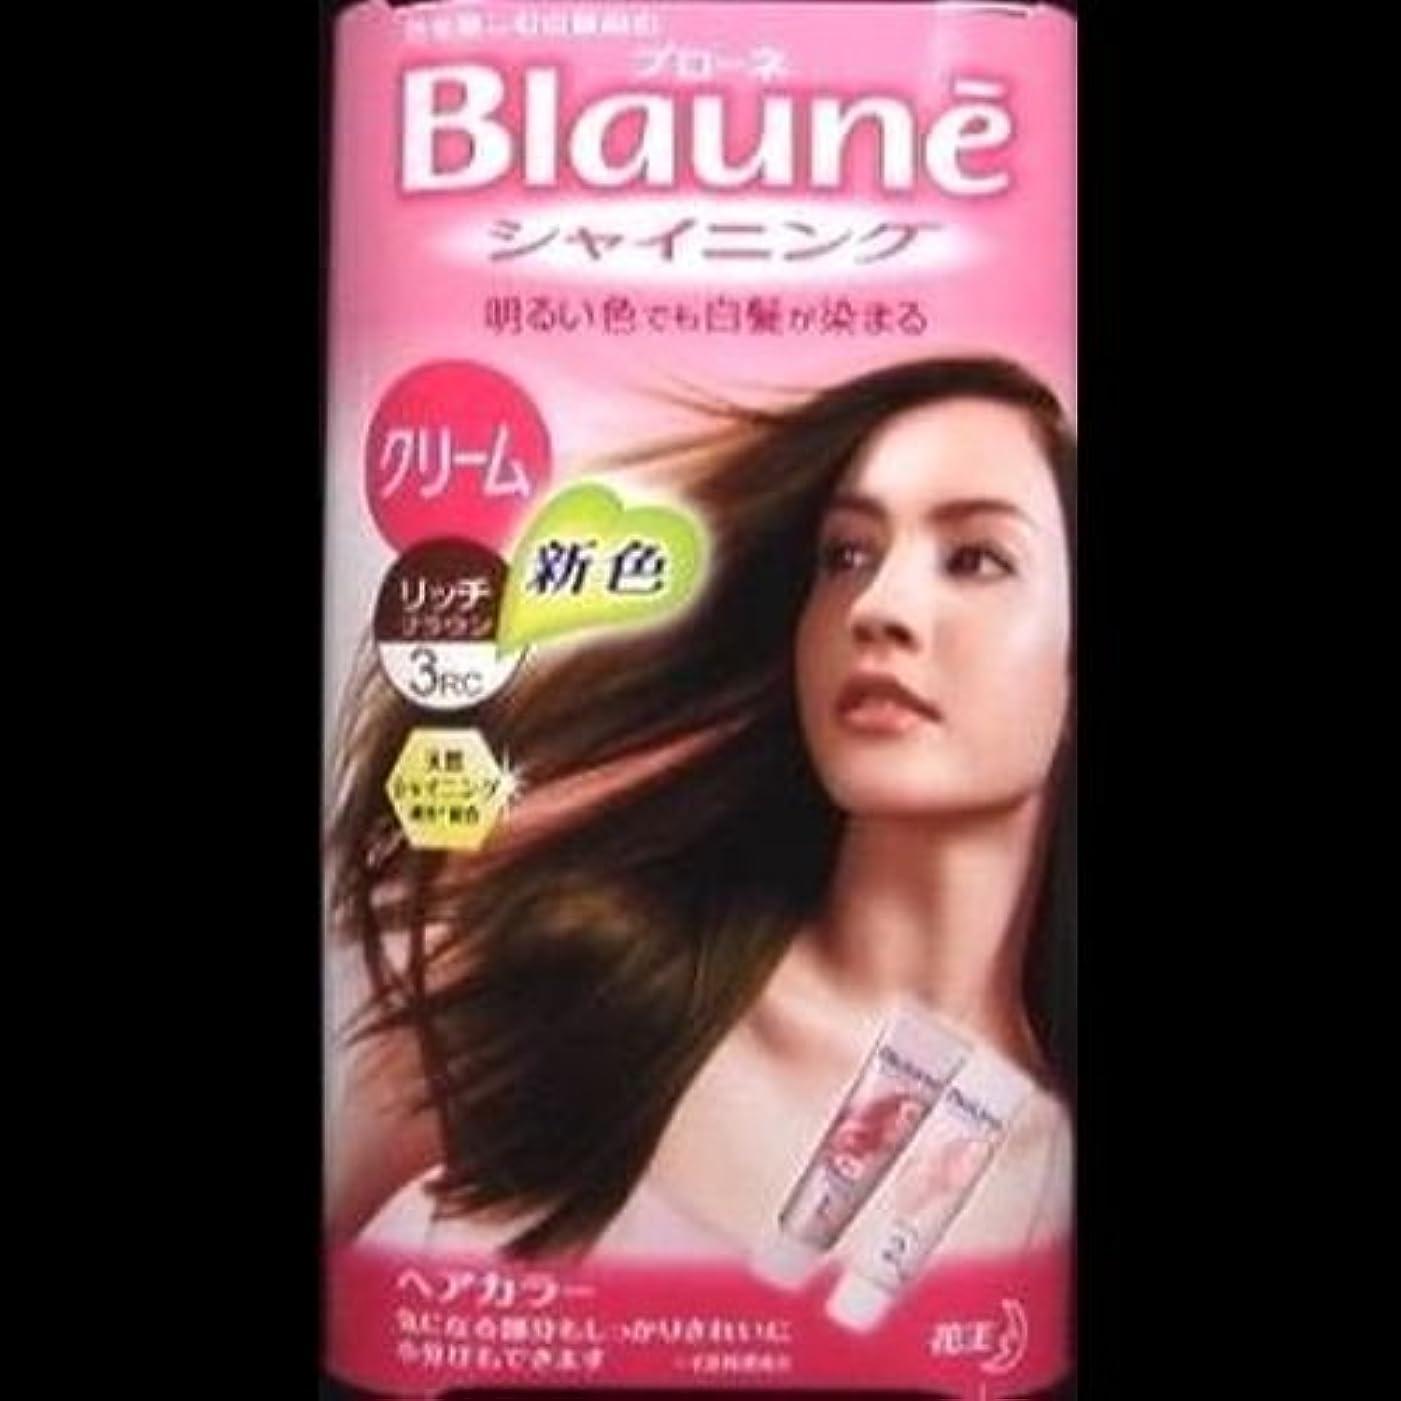 意図致命的現象【まとめ買い】ブローネシャイニングヘアカラークリーム 3RC リッチブラウン ×2セット